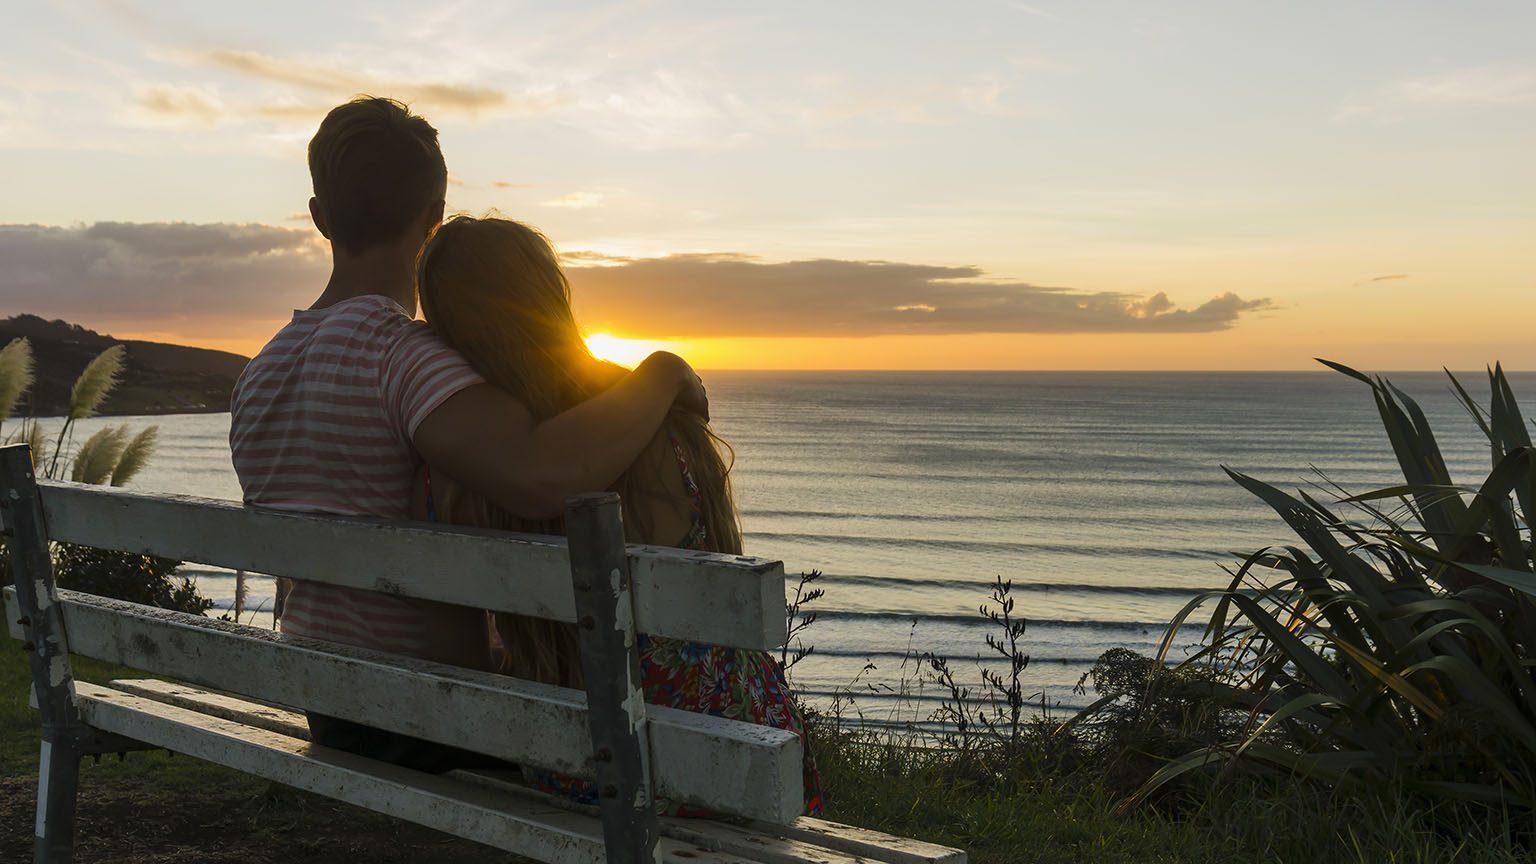 Happy couple enjoying the sunset.